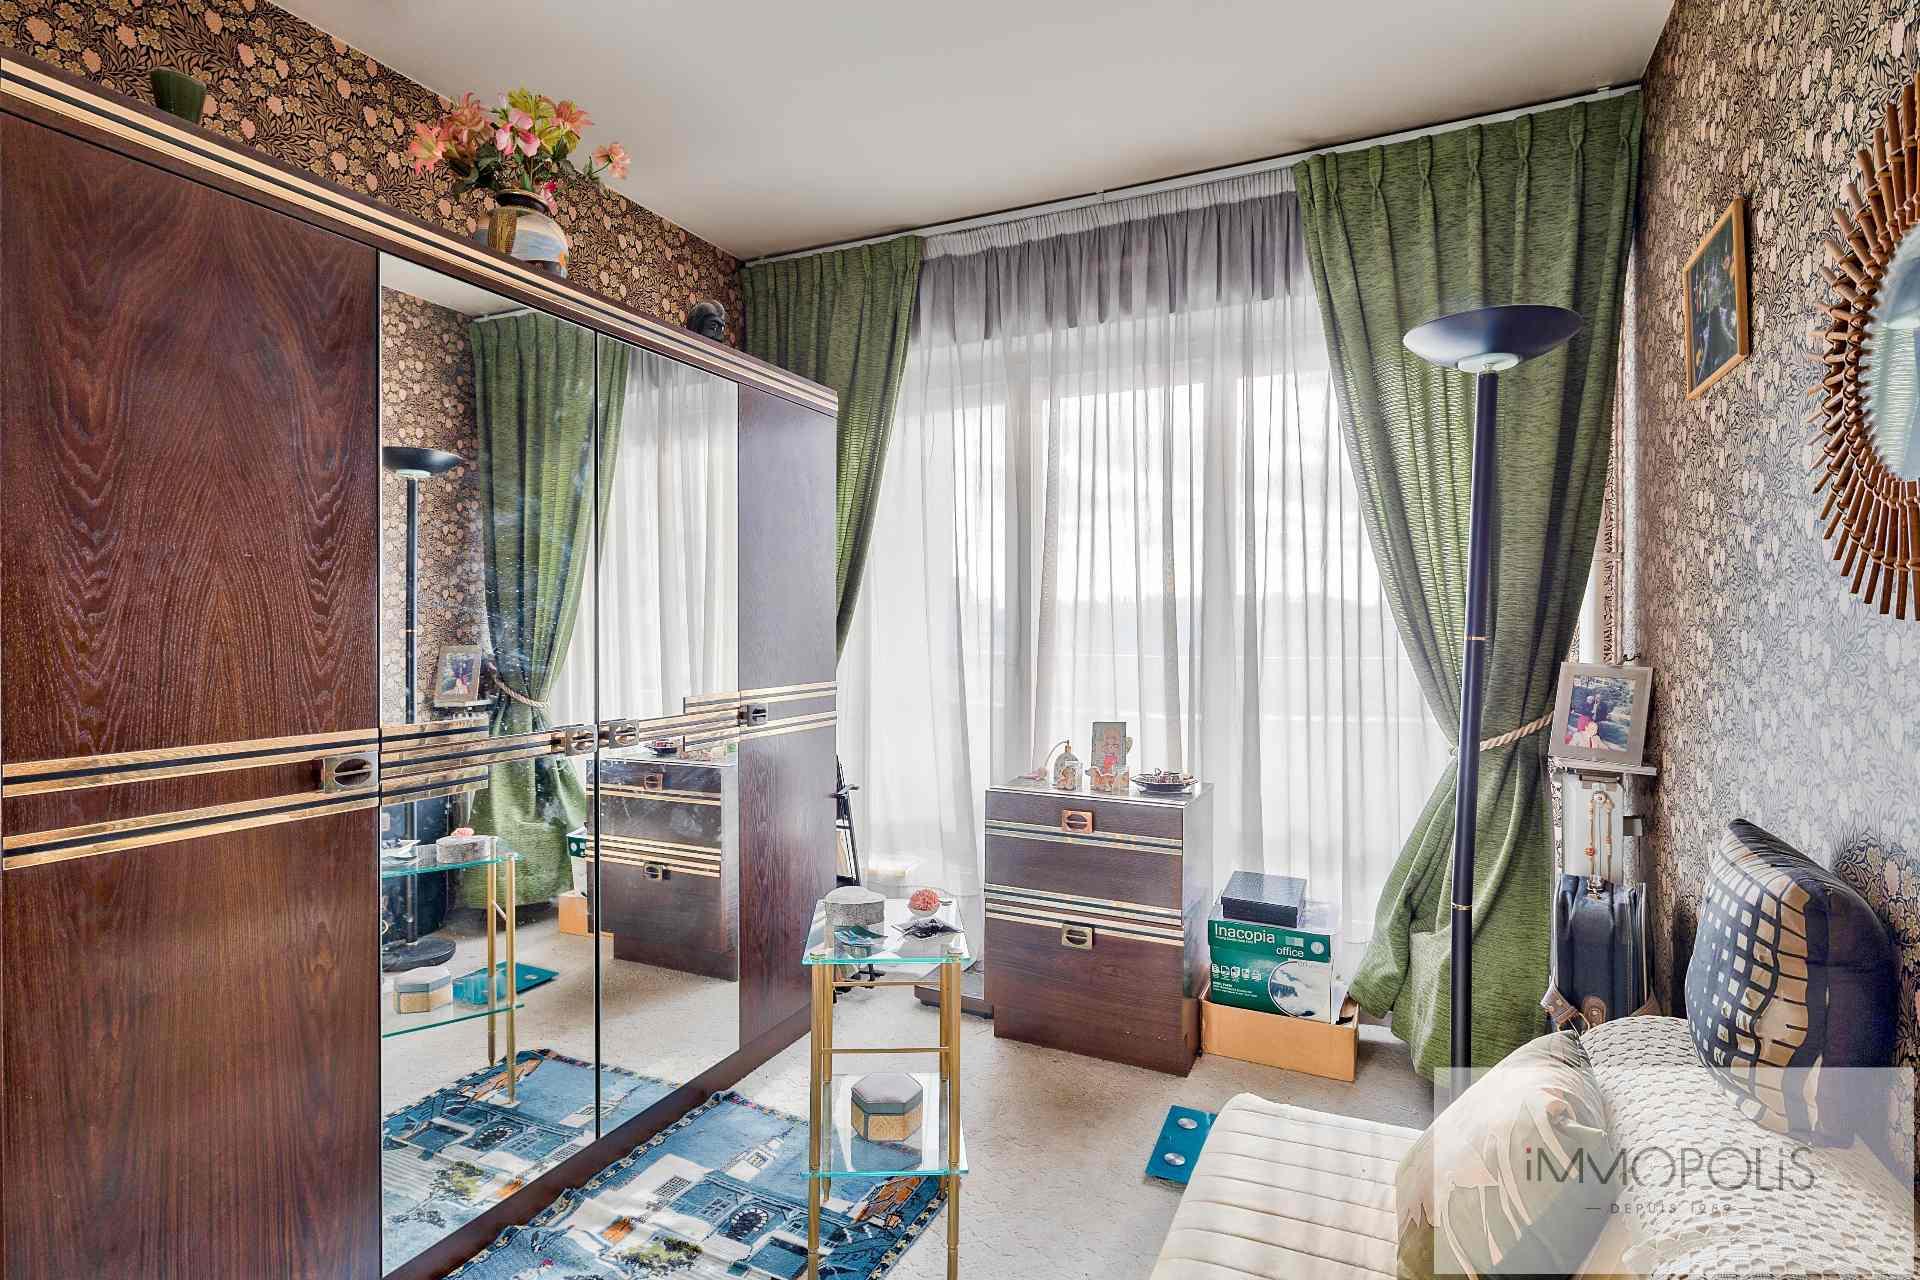 4 pièces avec balcon terrasse et vue dégagée sur jardins et la Tour Eiffel : vendu occupé par usufruitière de 90 ans 8